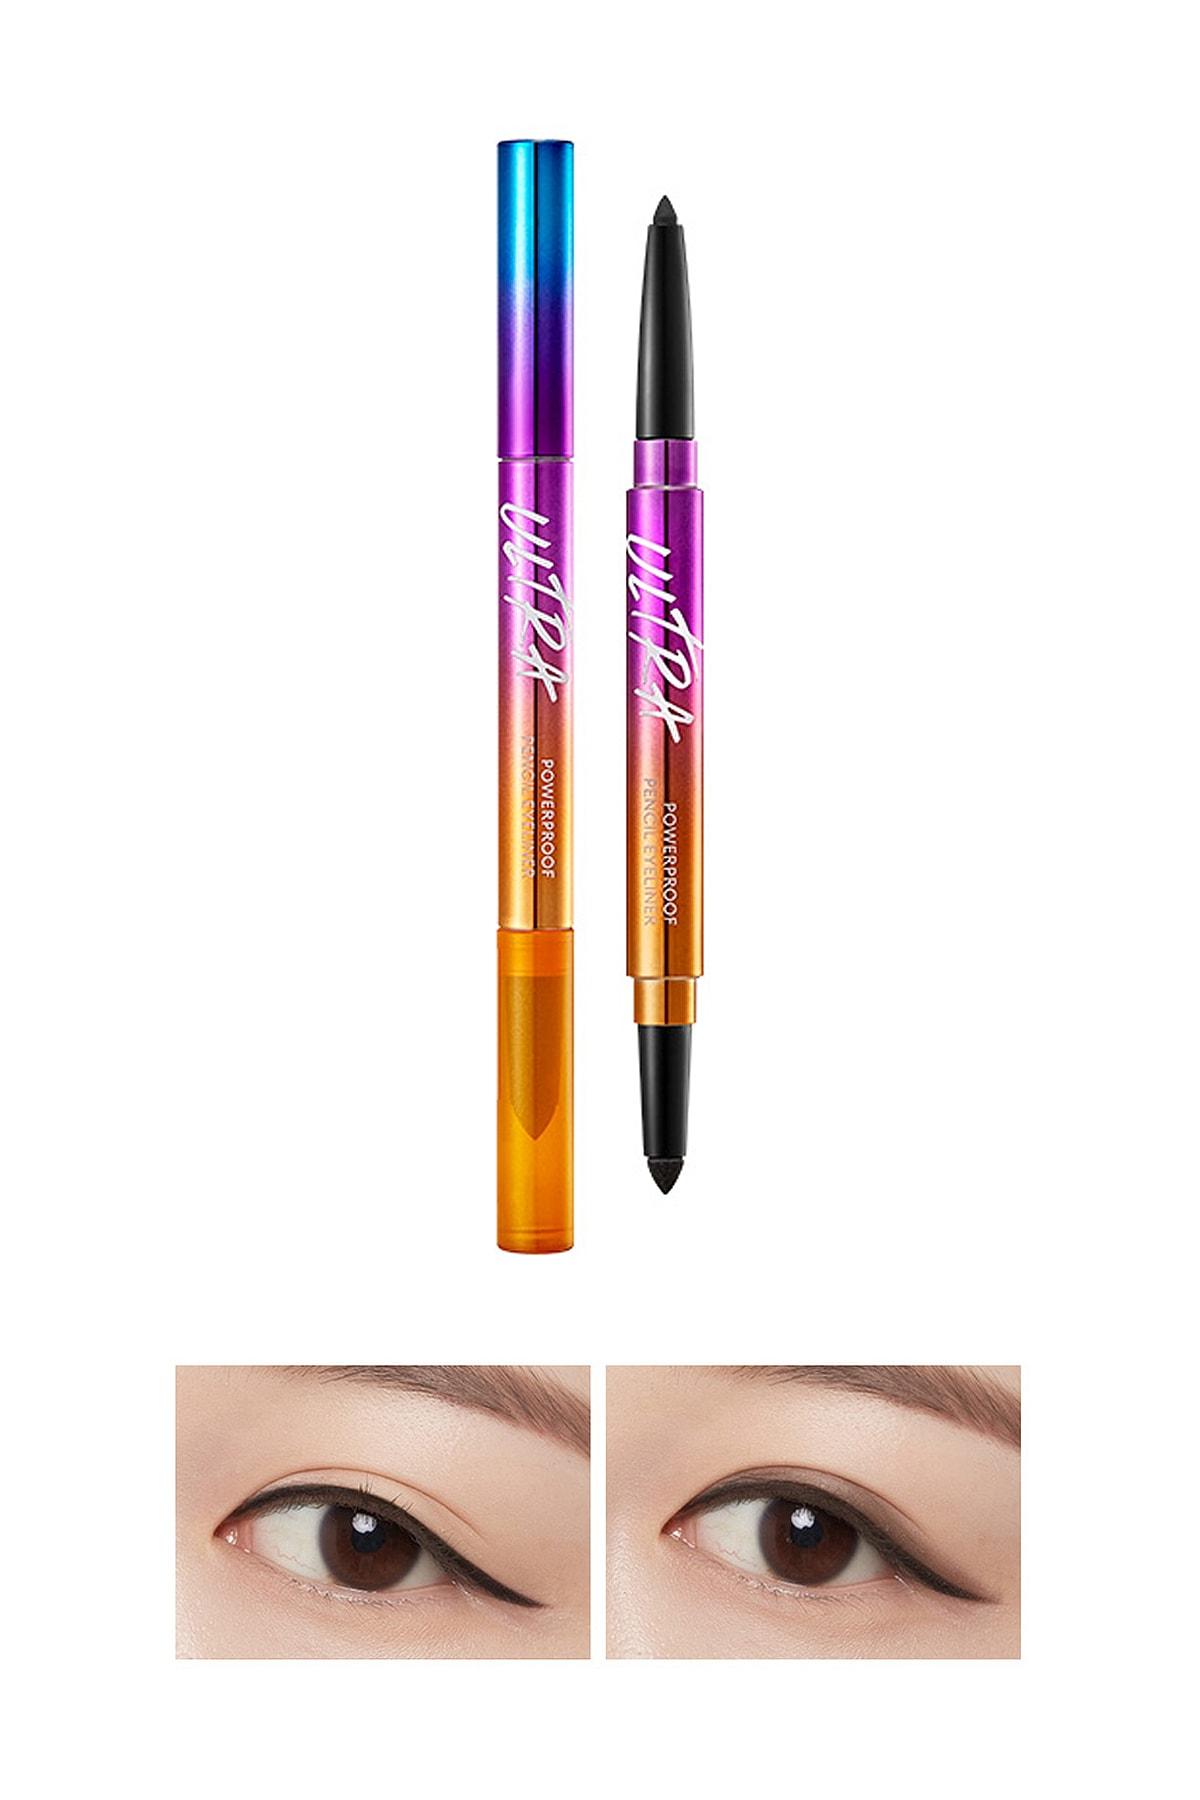 Missha Kalıcı Suya Dayanıklı Jel Göz Kalemi - Ultra Powerproof Pencil Eyeliner Black 8809643506175 0